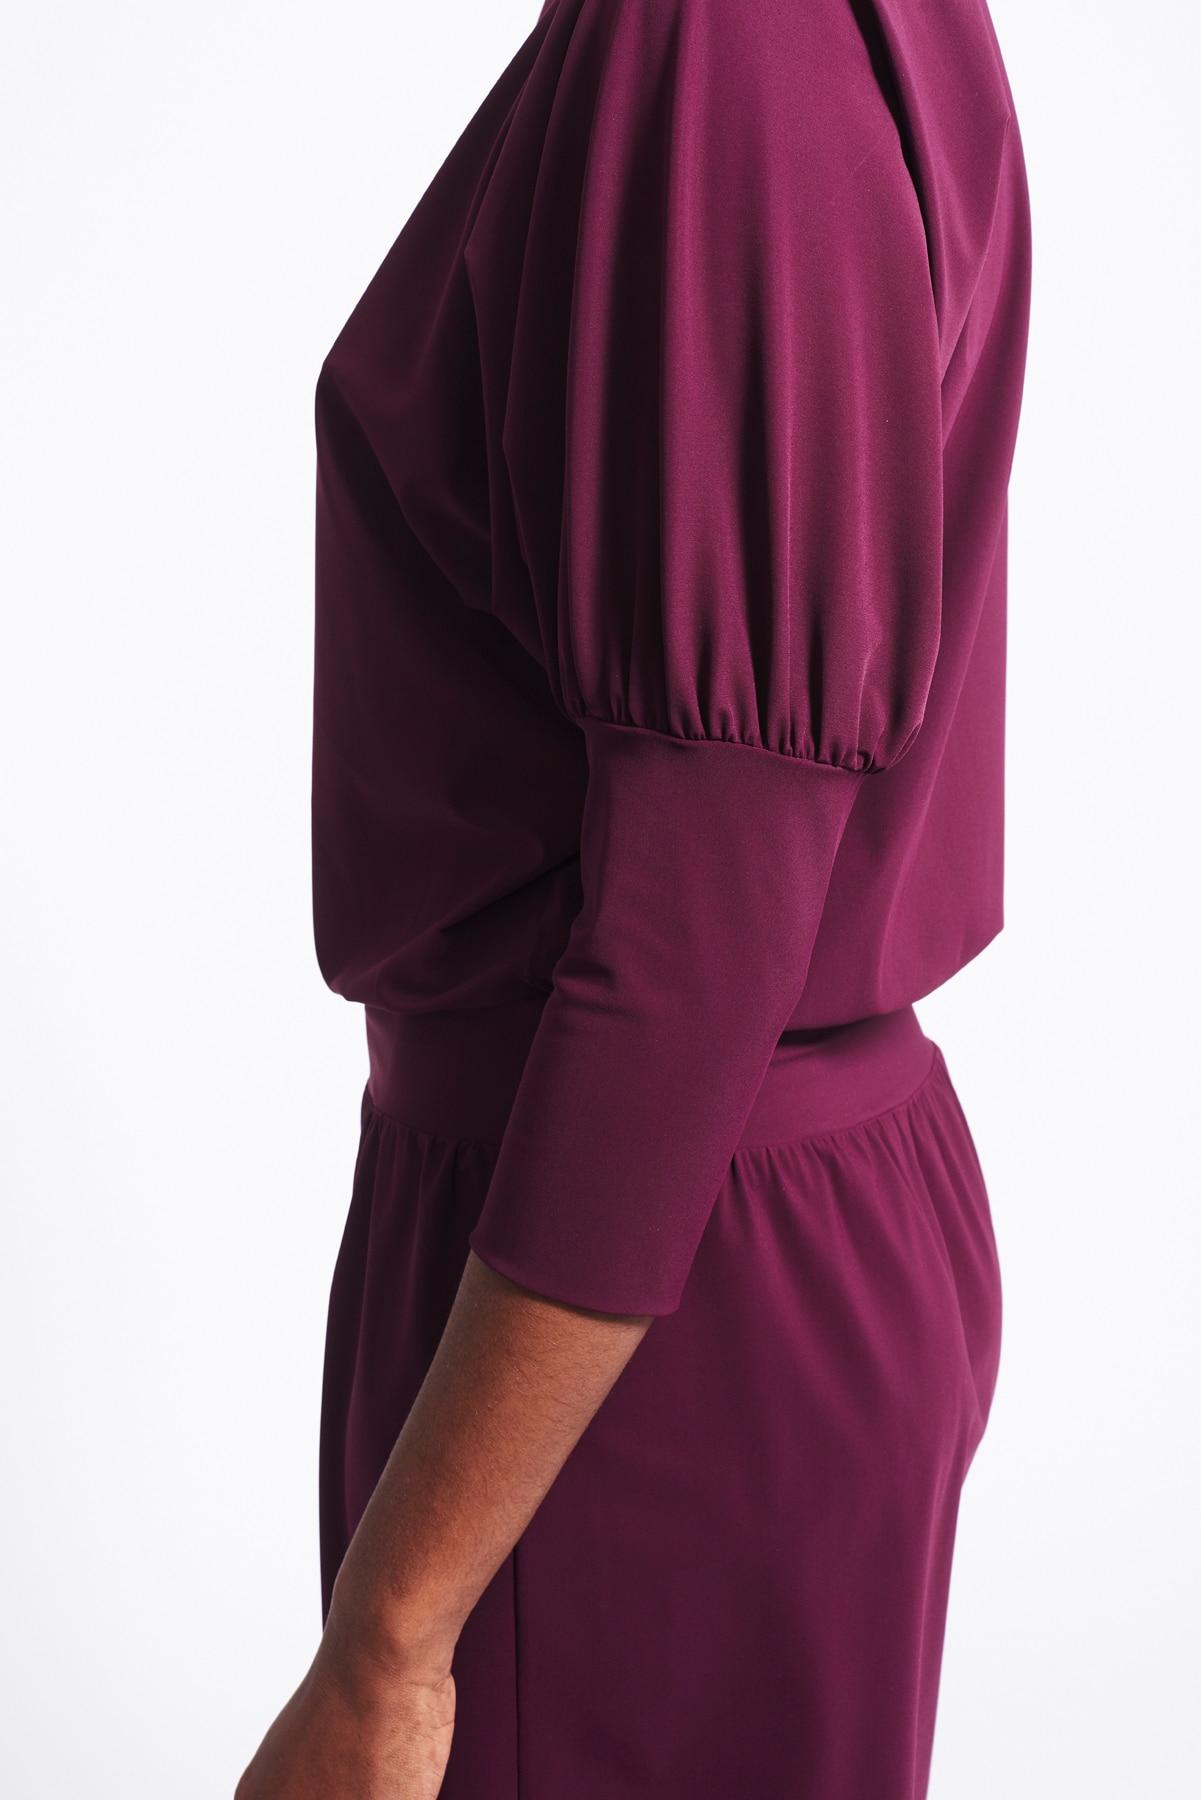 Kleid Philene weinrot (5)